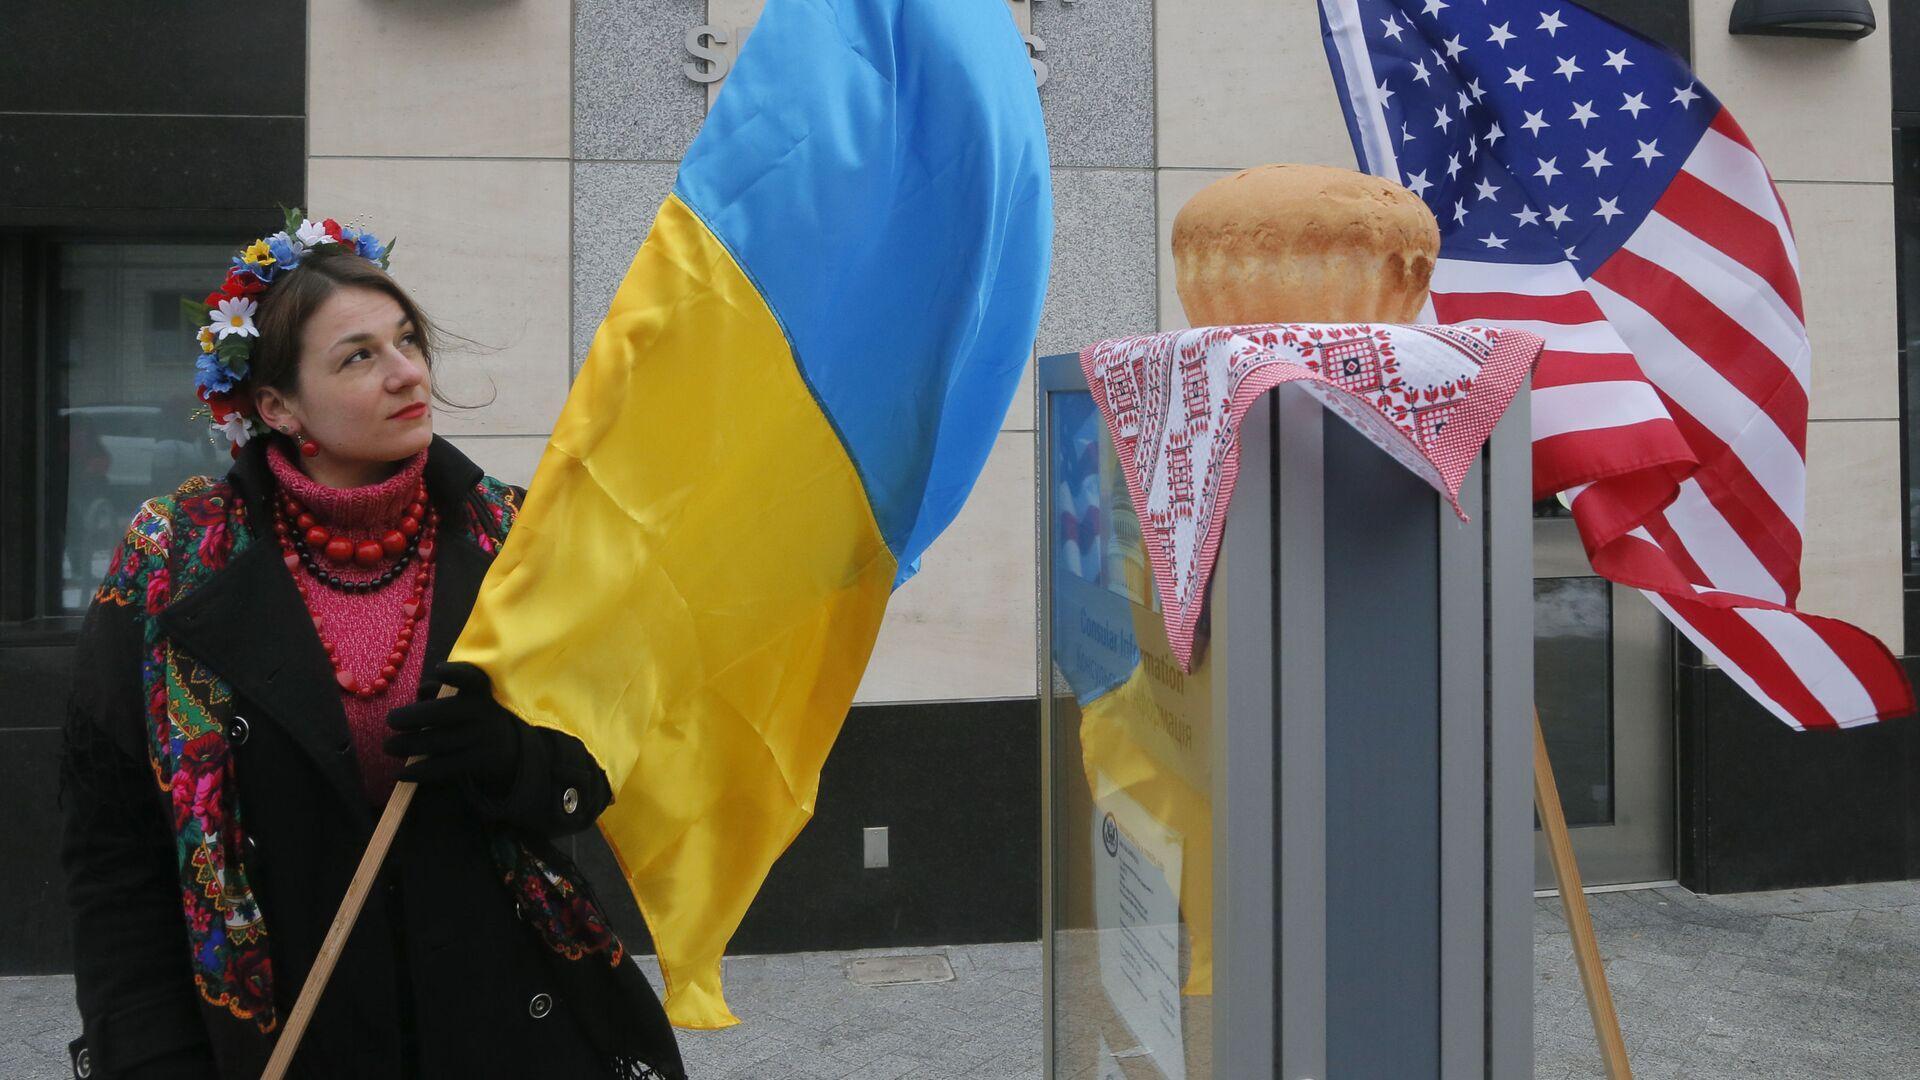 Девушка с украинским флагом у посольства США в Киеве  - Sputnik Грузия, 1920, 17.09.2021